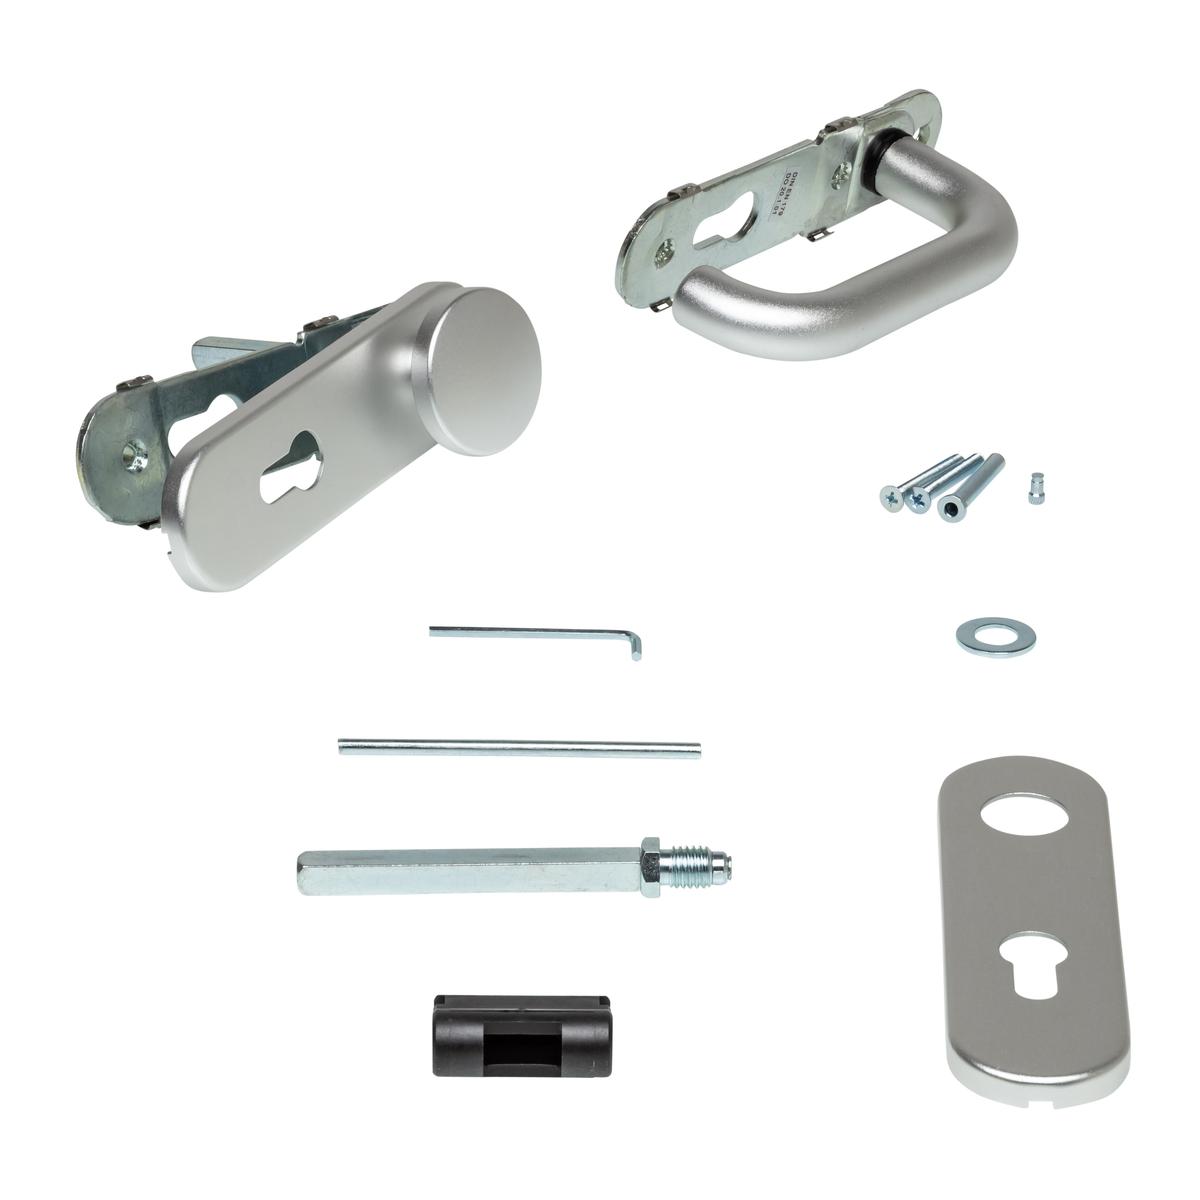 Hörmann FS- Wechselgarnitur Typ D-110 Antipanik für H8-5/ Quadro